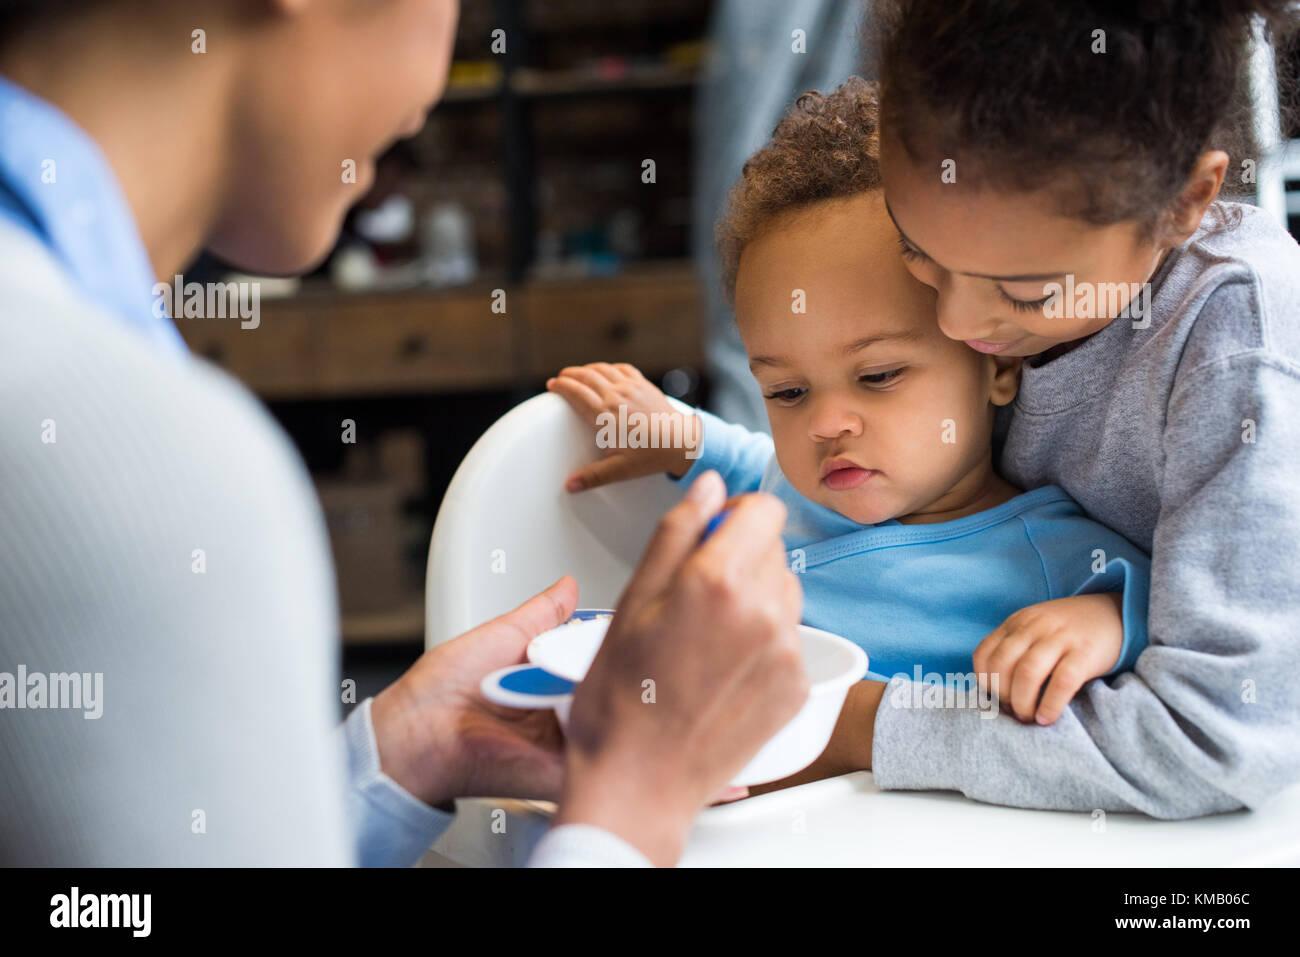 Alimentación familiar bebé Imagen De Stock